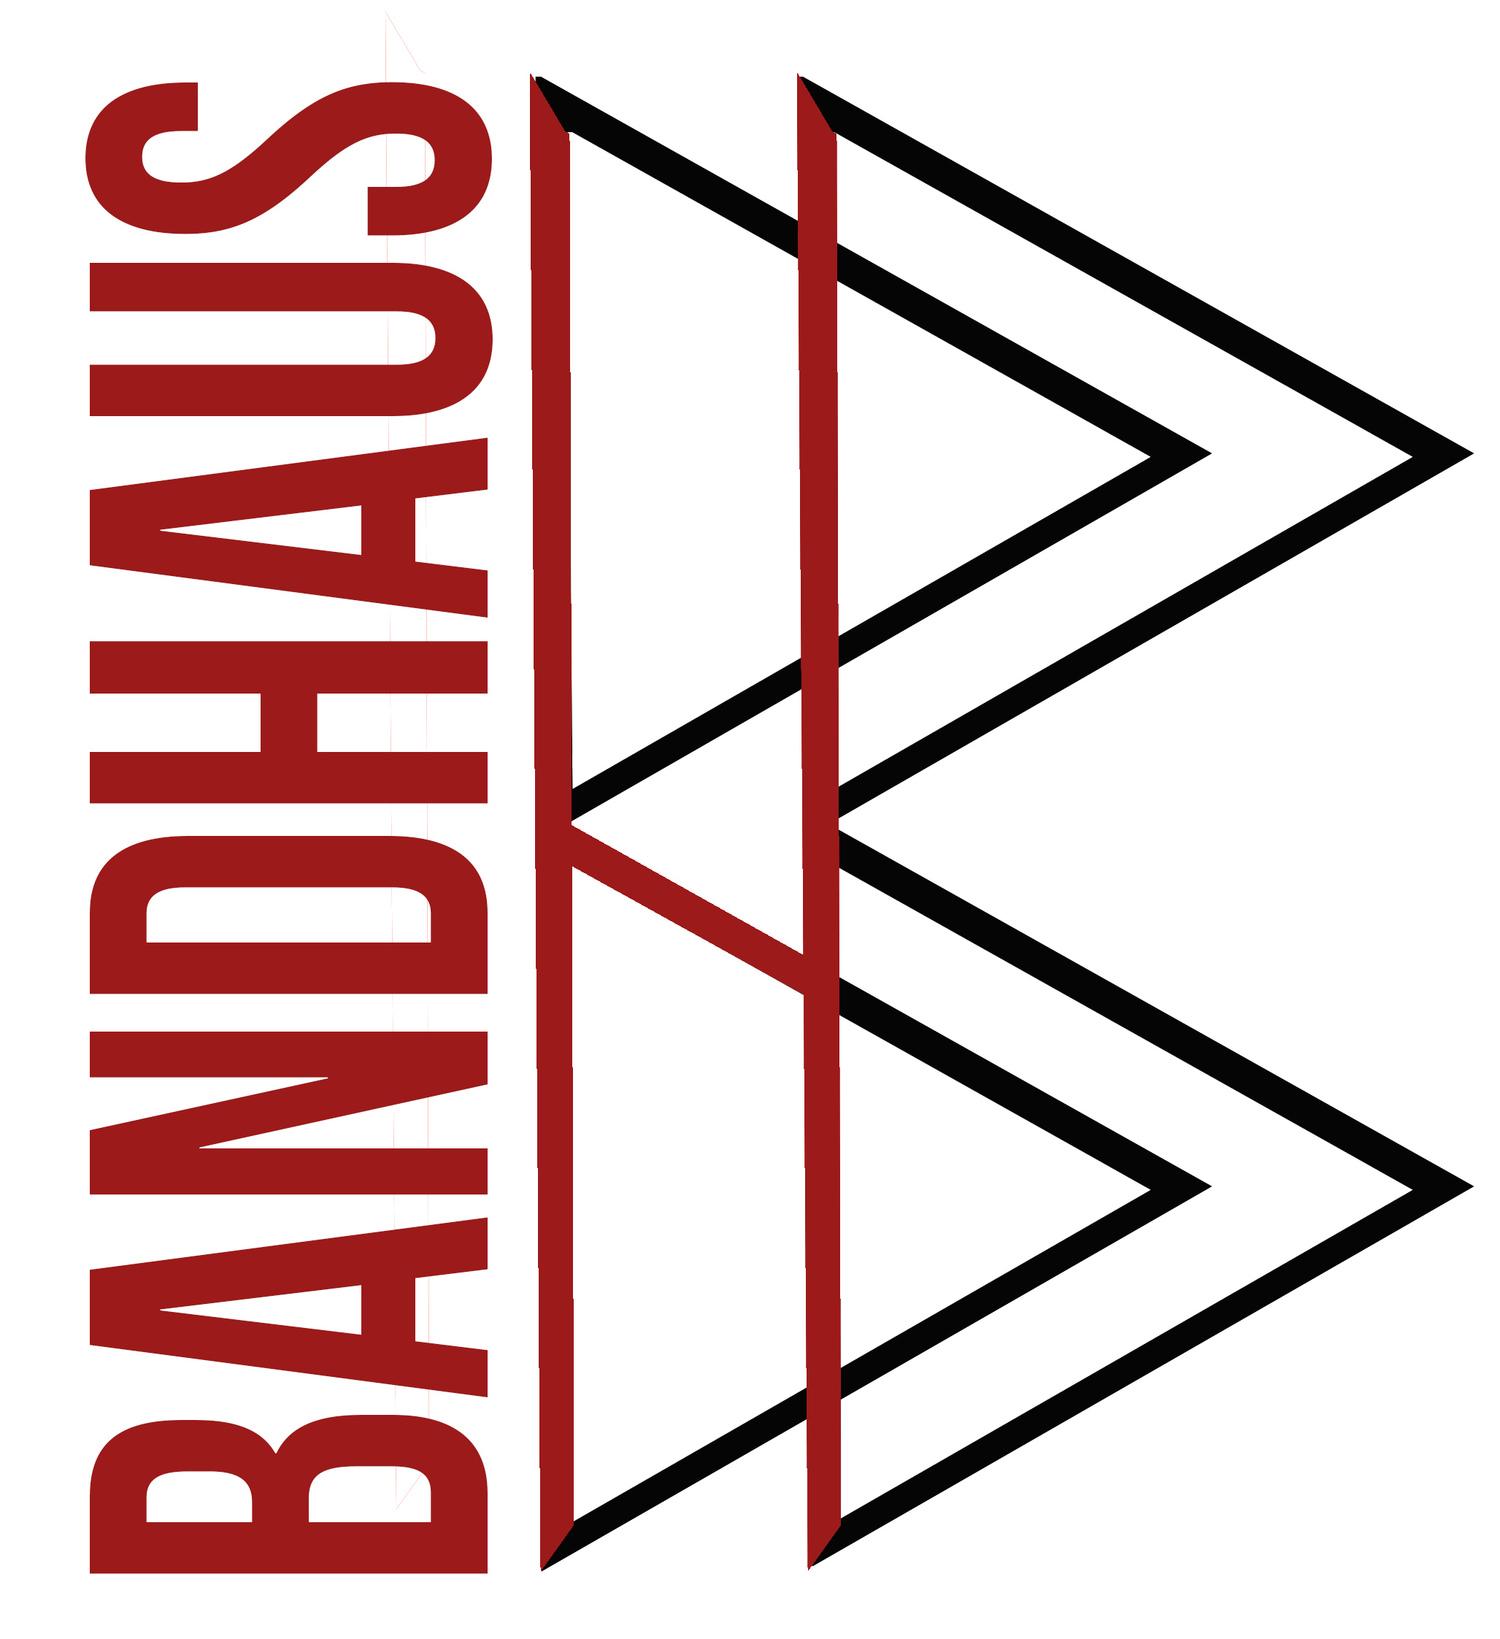 bandhaus logo small.jpg